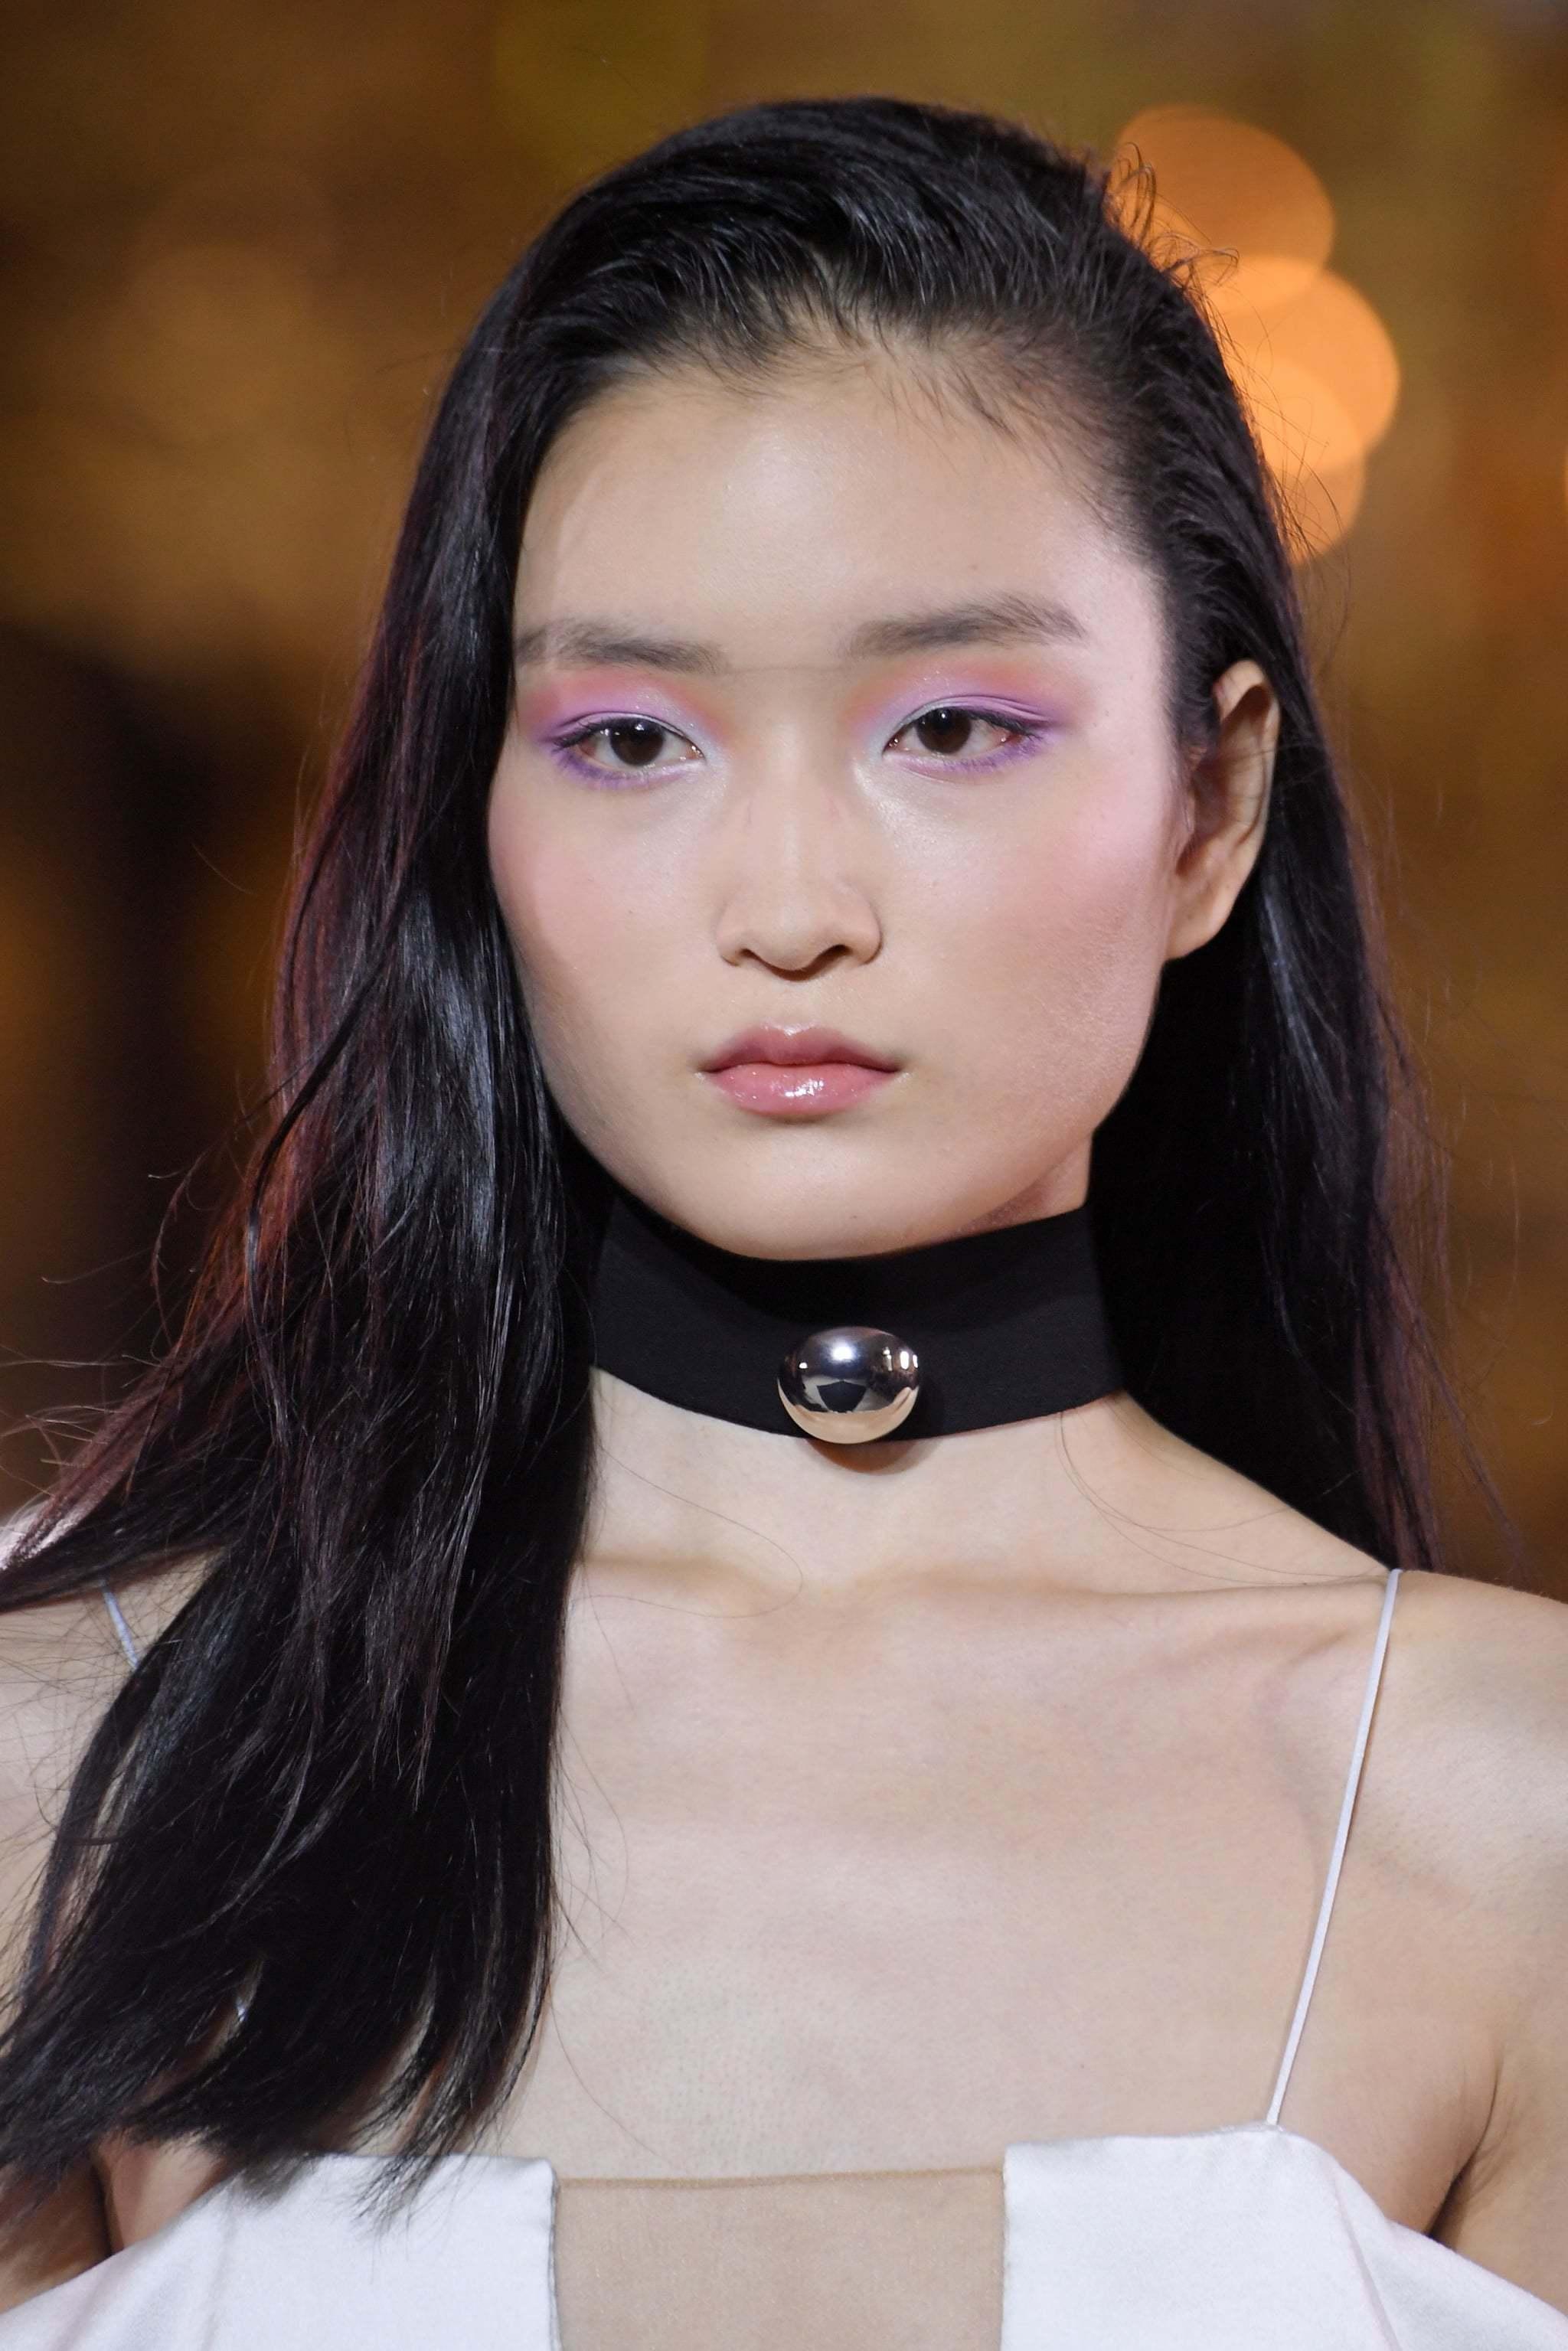 个性女孩必备:印象派眼妆,它不仅好看还有治愈坏心情的魔力